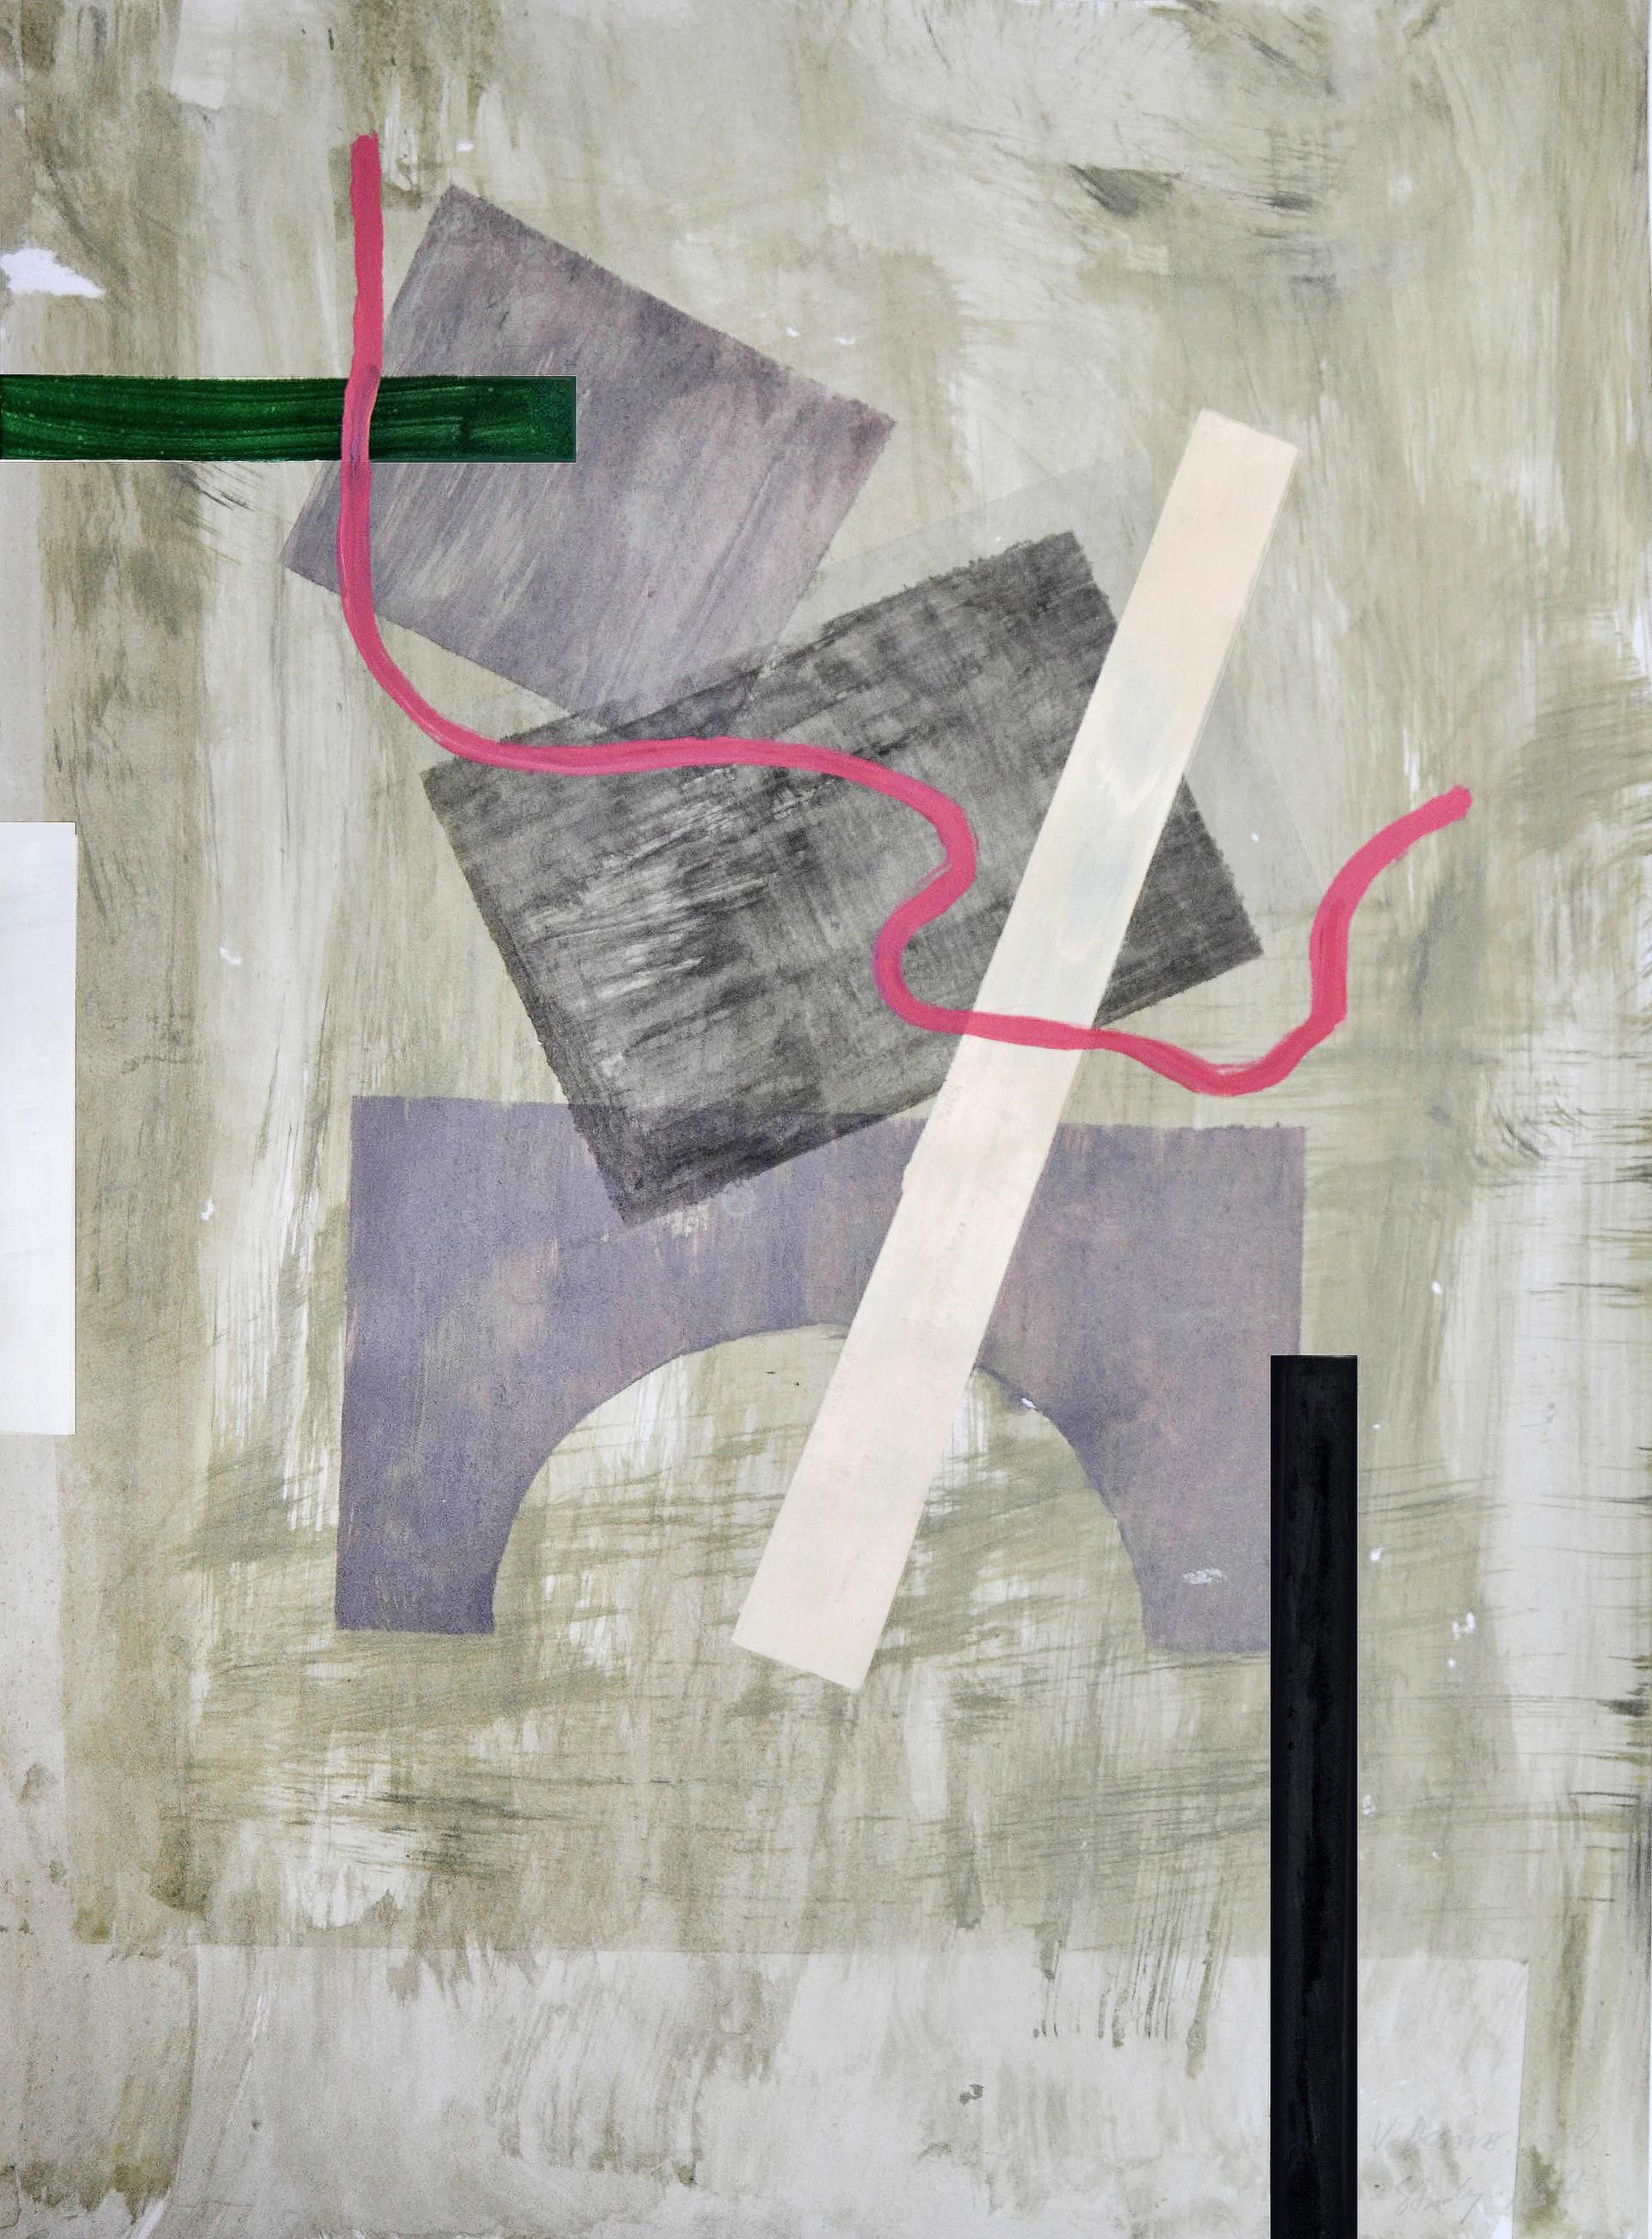 Form-Colour-Texture-004 (2020)